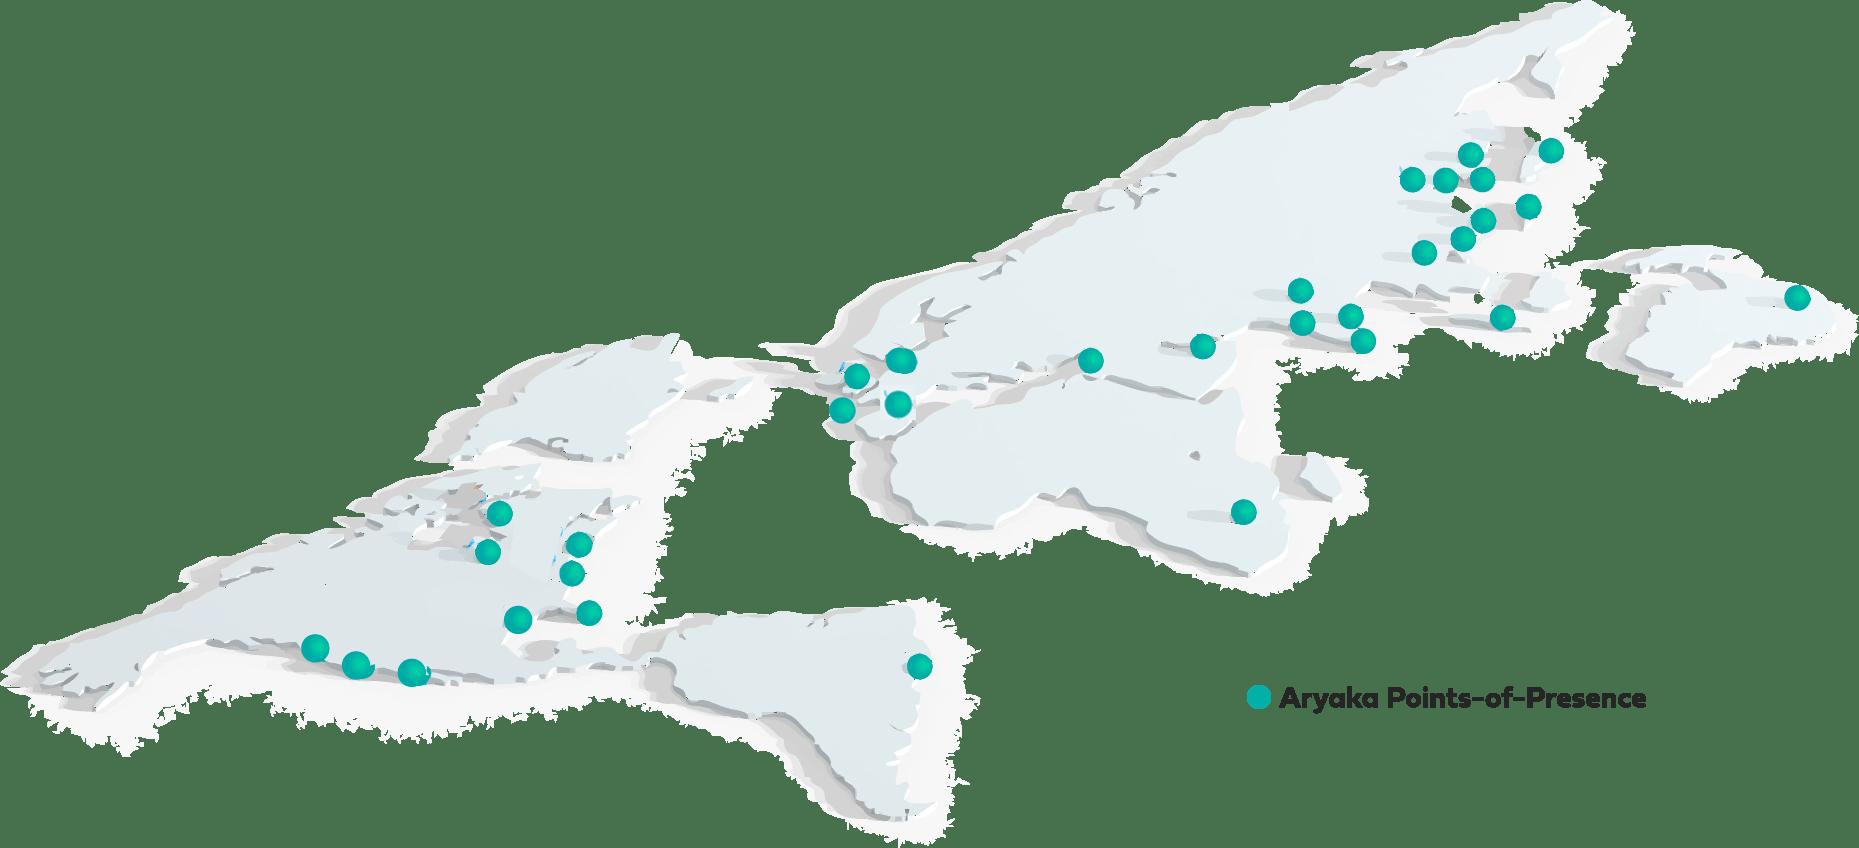 Aryaka Points of Presence